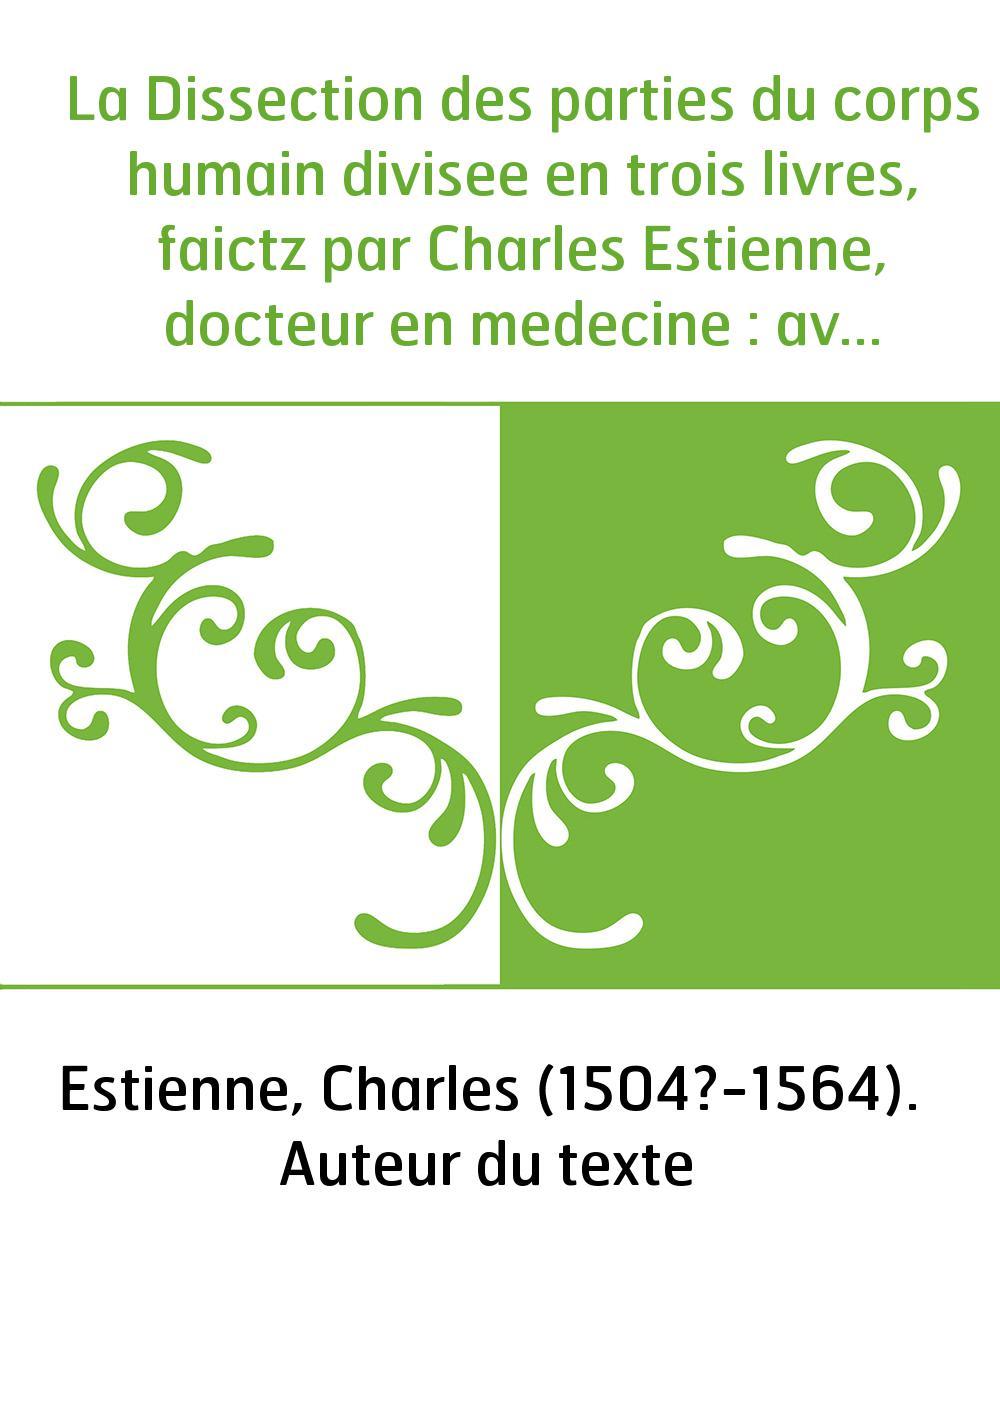 La Dissection des parties du corps humain divisee en trois livres, faictz par Charles Estienne, docteur en medecine : avec les f